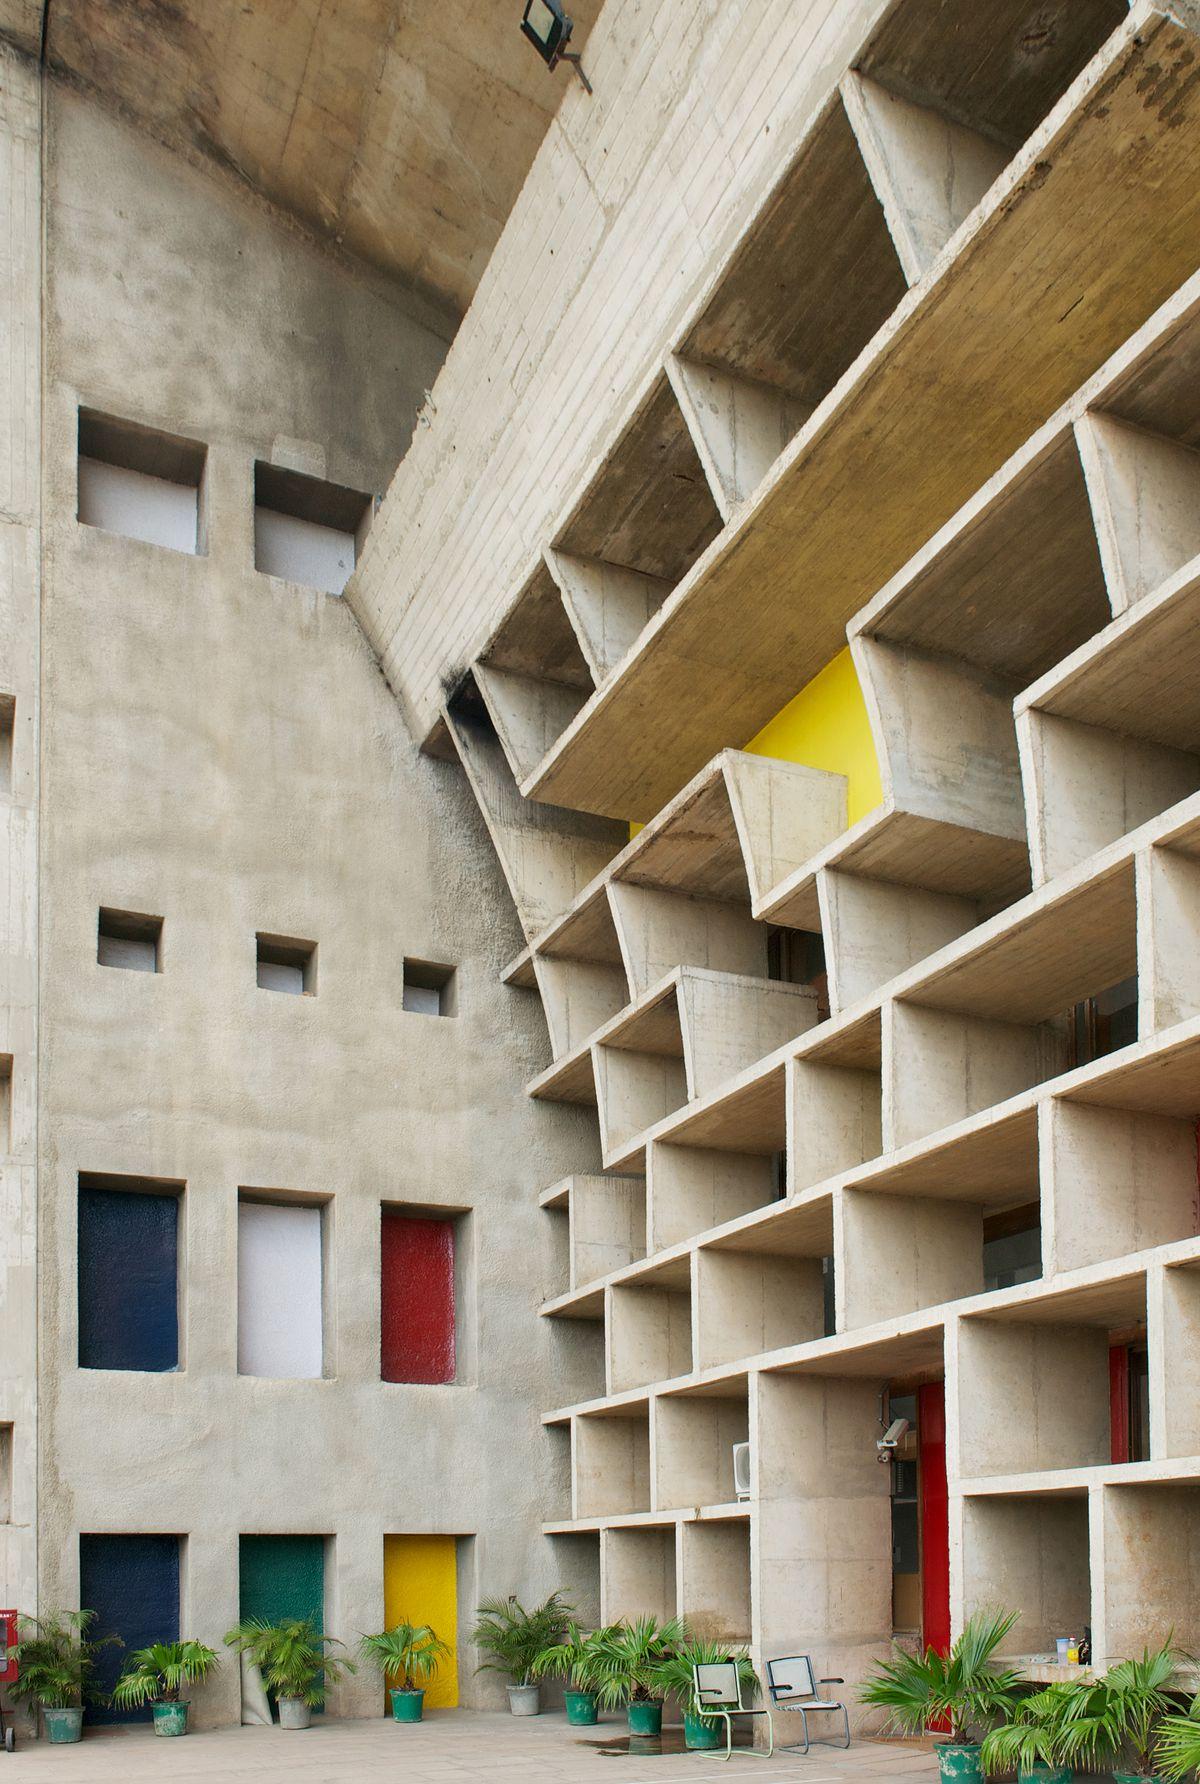 Chandigarh Architecture India